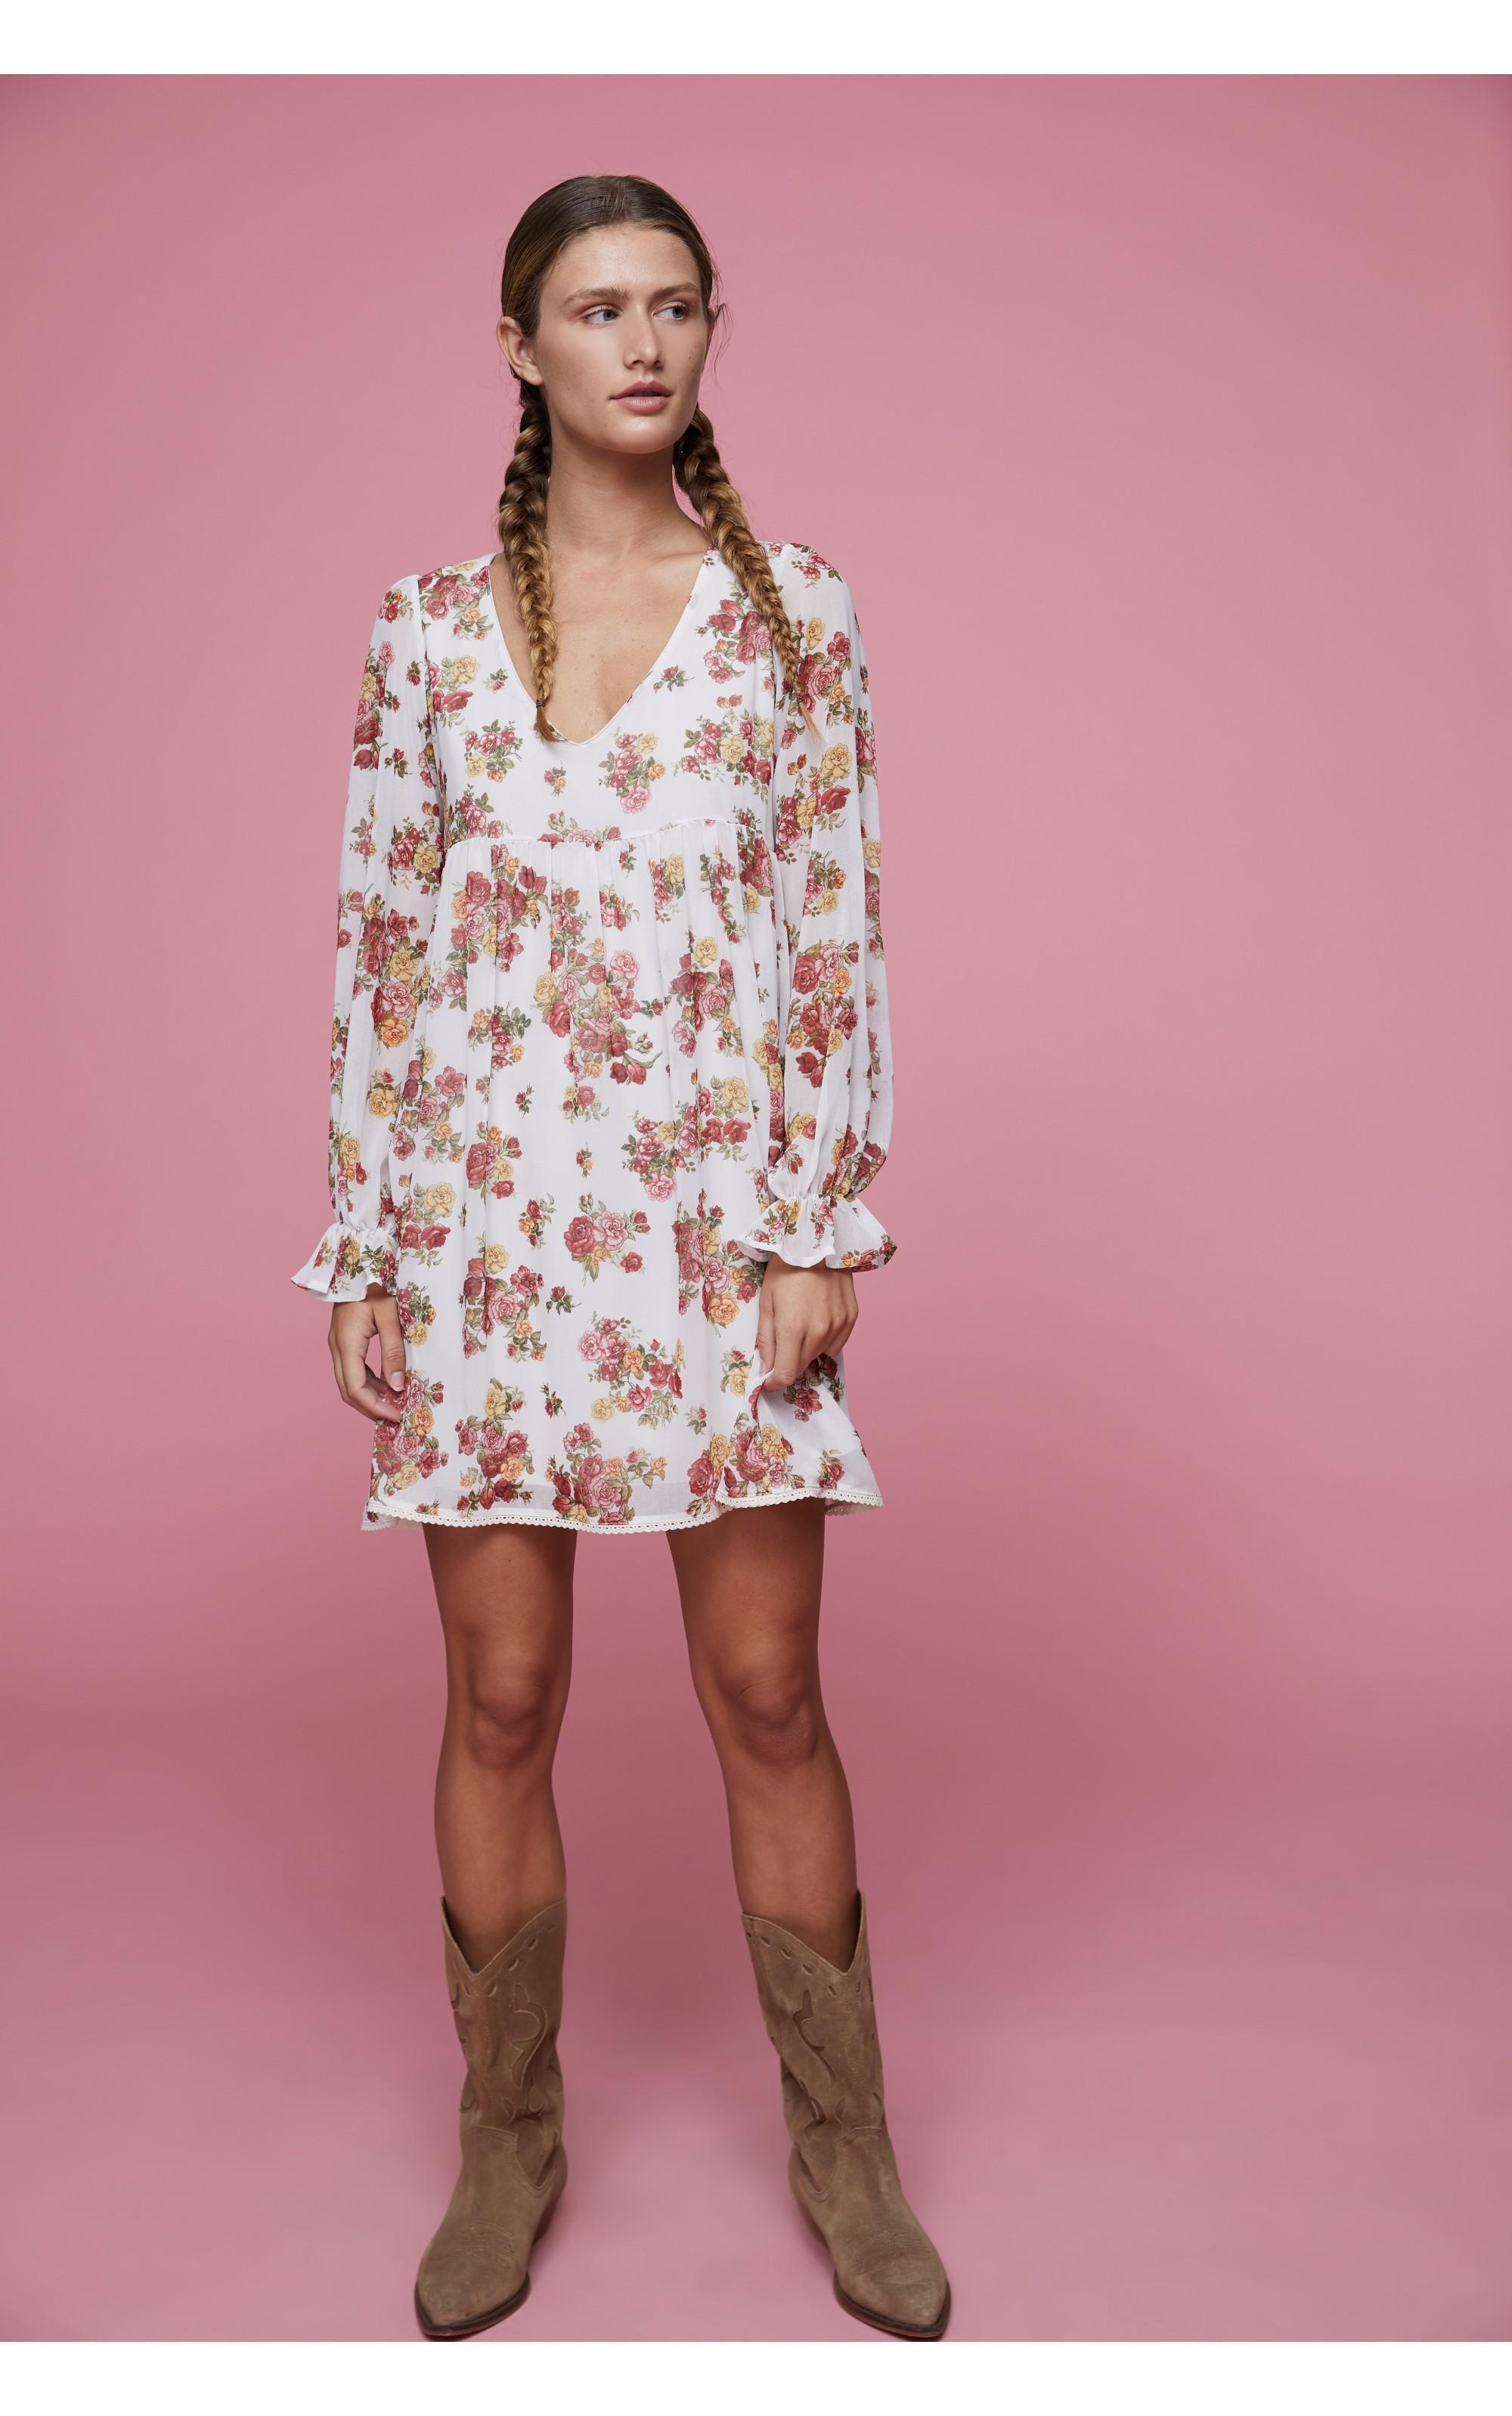 vestido estampado de flores de manga larga con goma en el puño